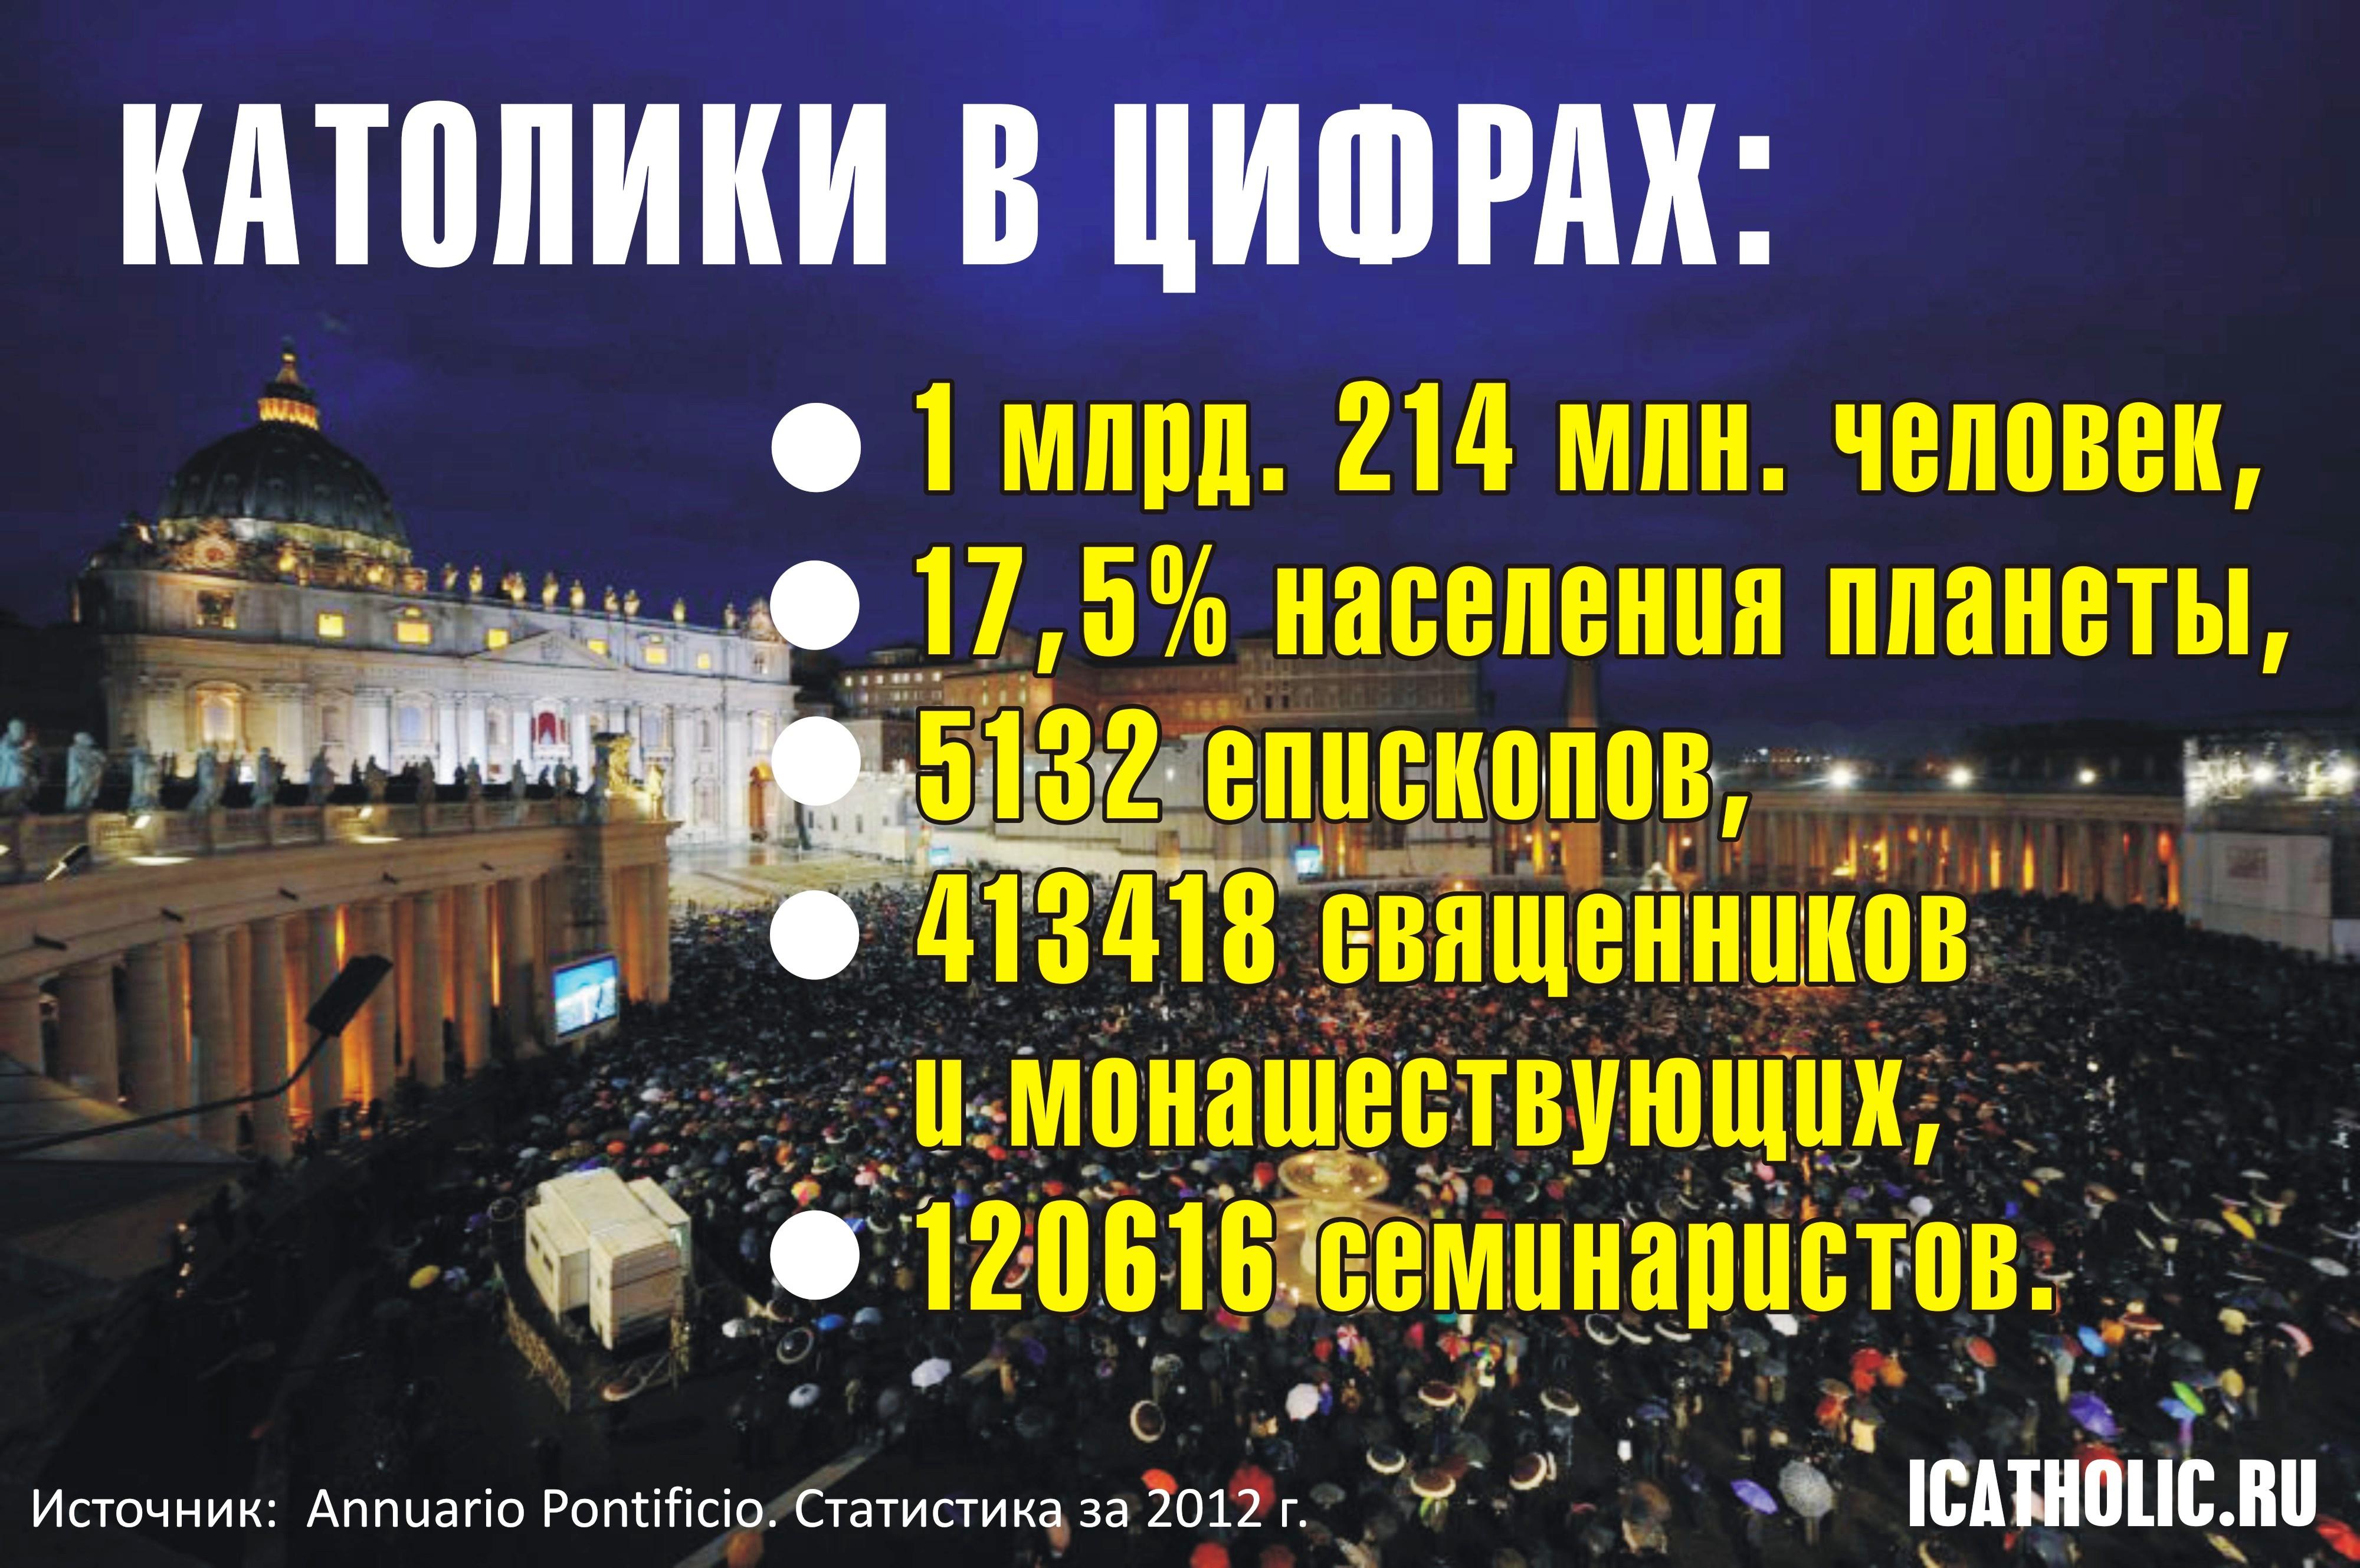 Статистика Католической Церкви